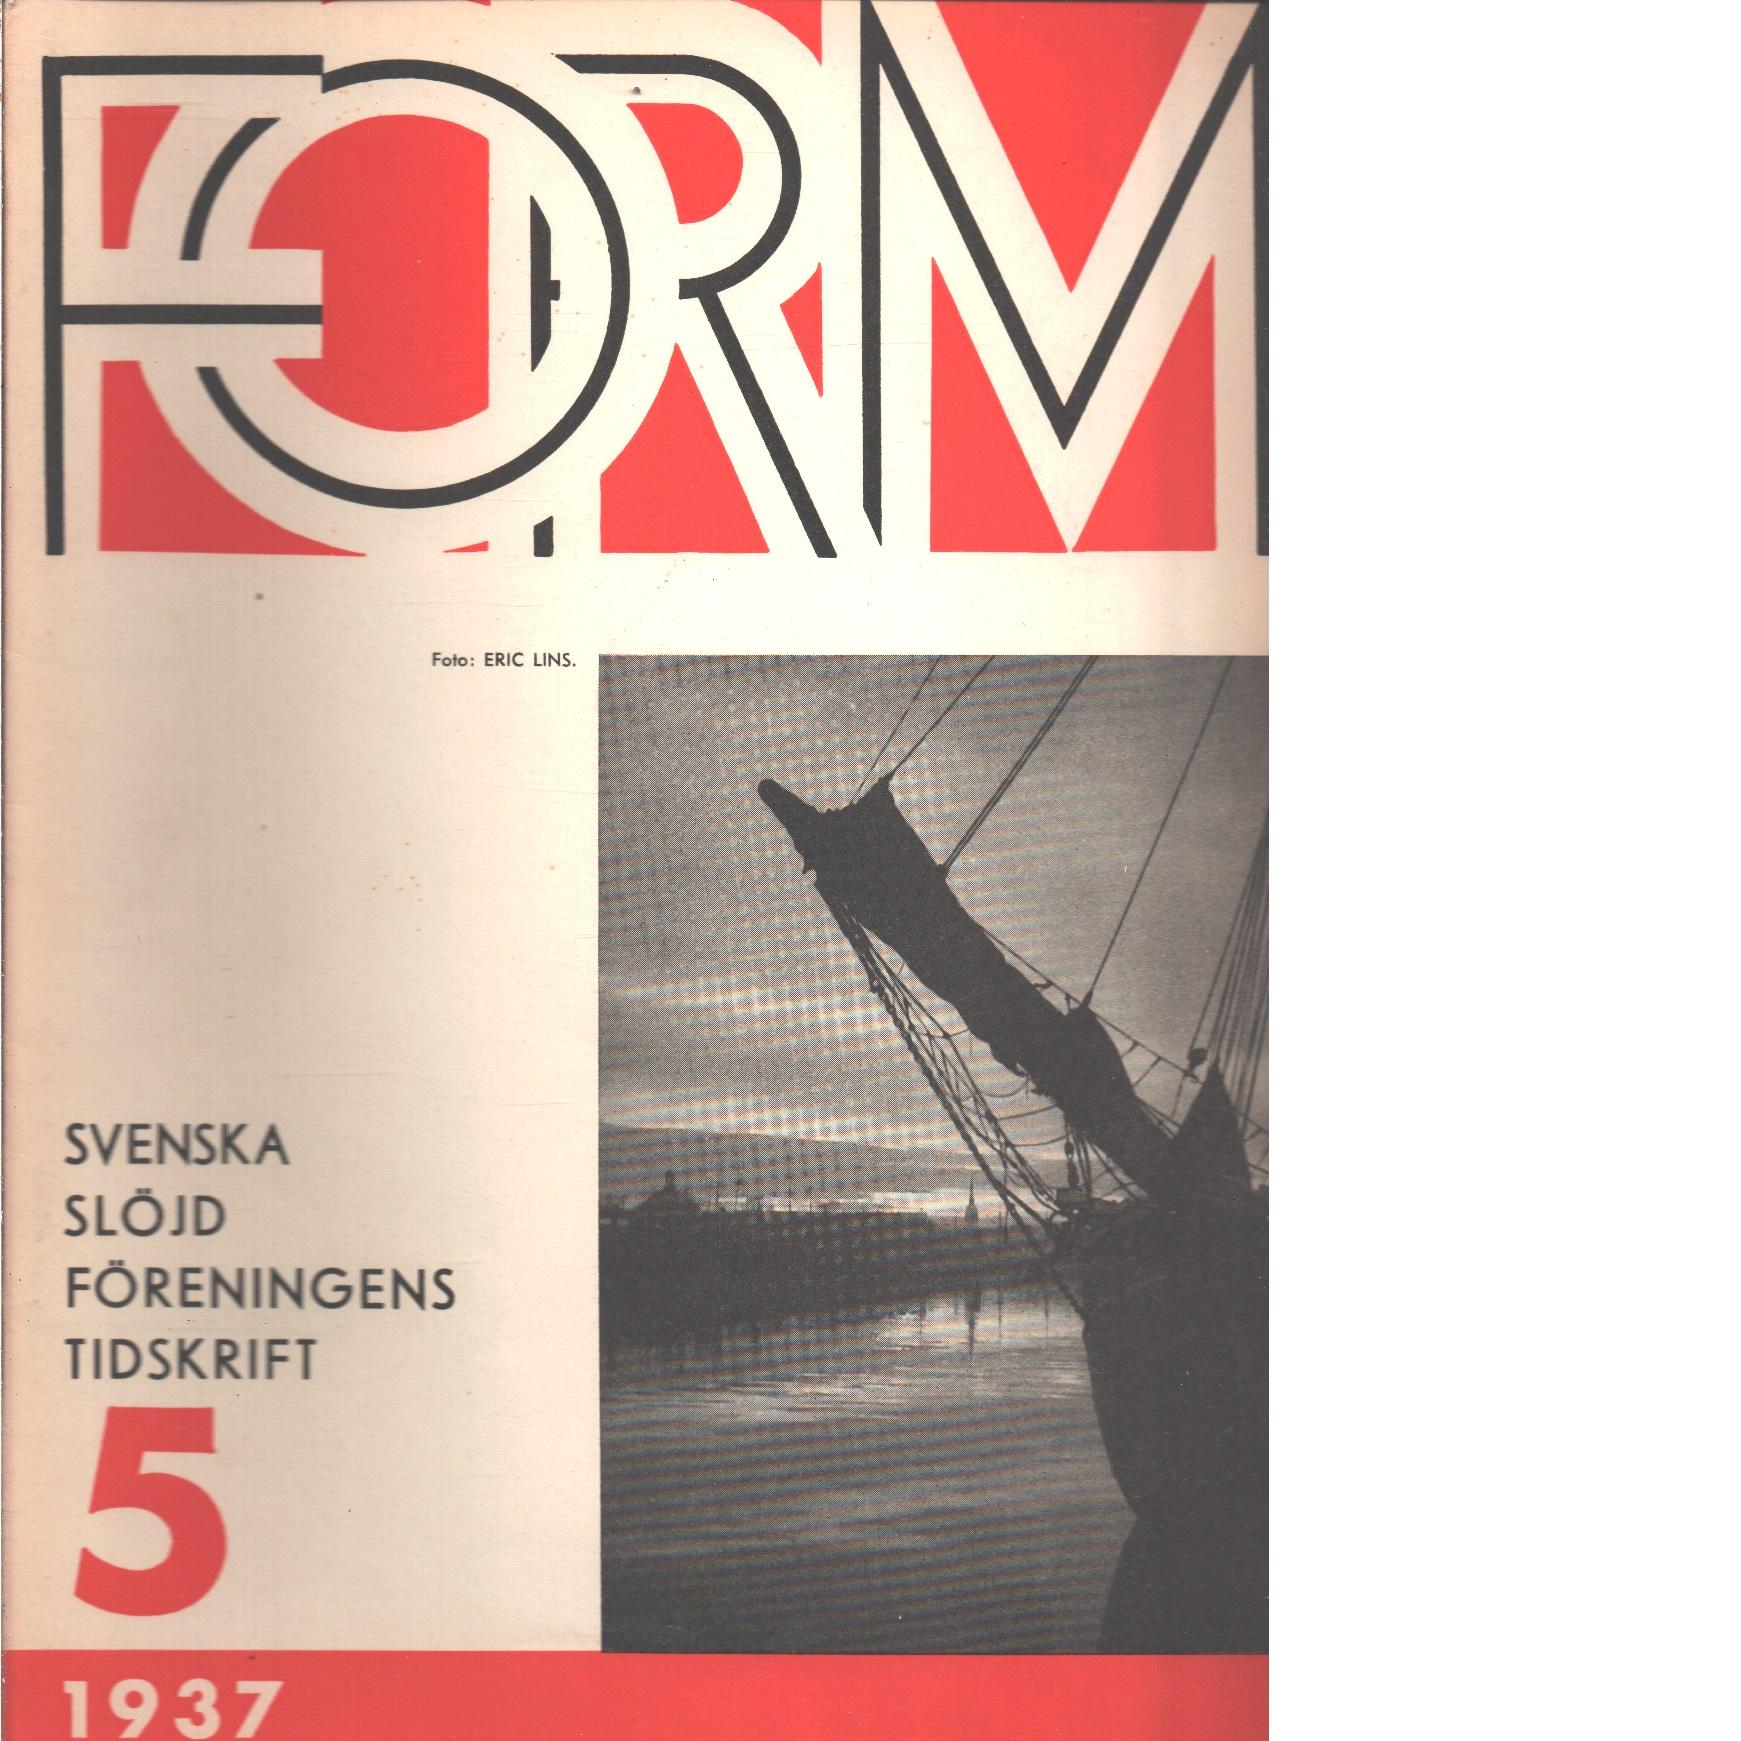 Form : Svenska slöjdföreningens tidskrift Nr 5 1937 - Red.